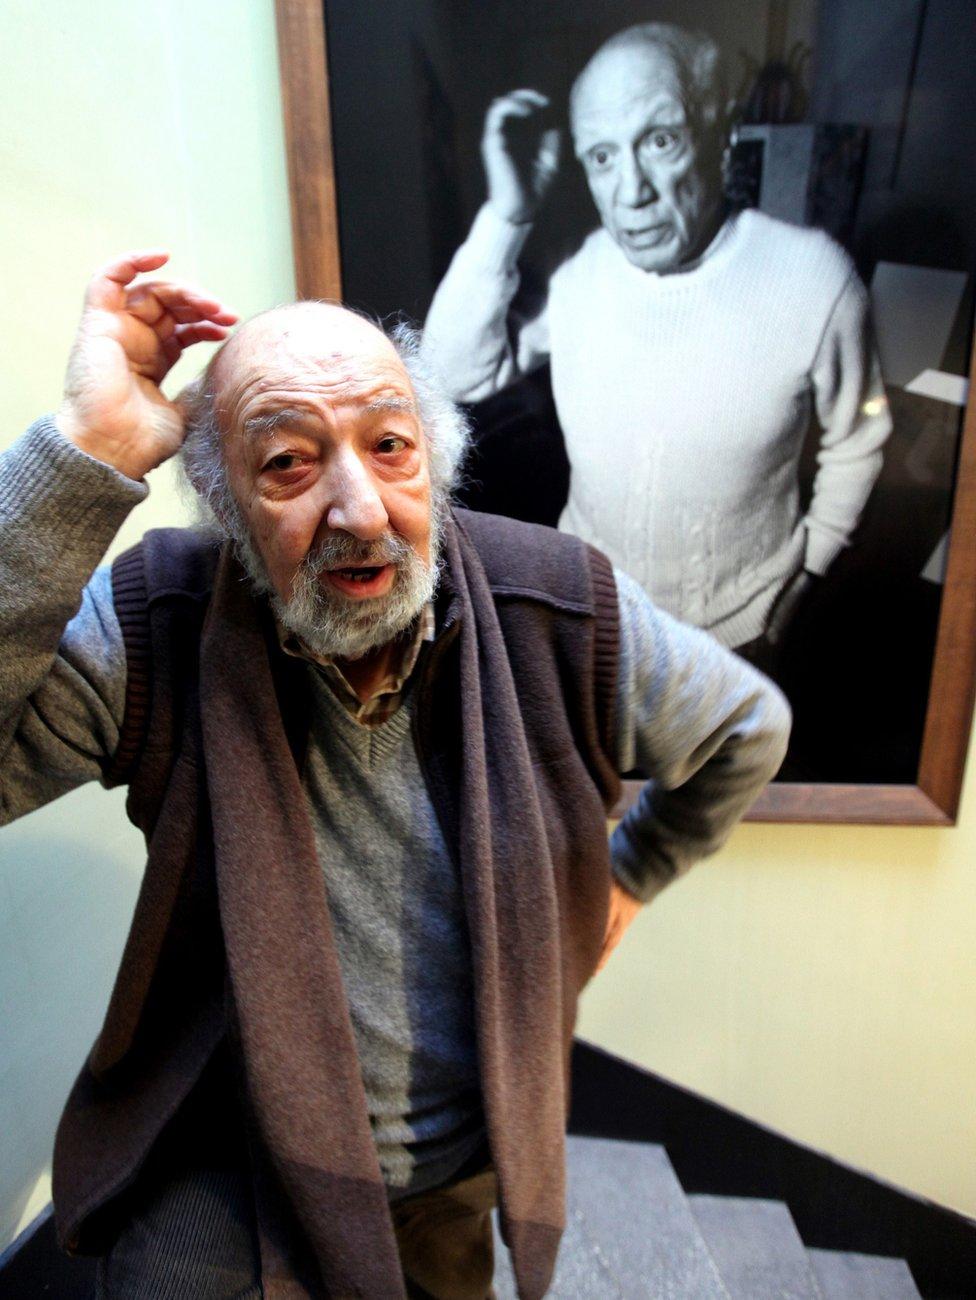 آرا غولر يحاول تقليد ايماءات الرسام الاسباني بابلو بيكاسو في احدى الصور التي التقطها له. 2012